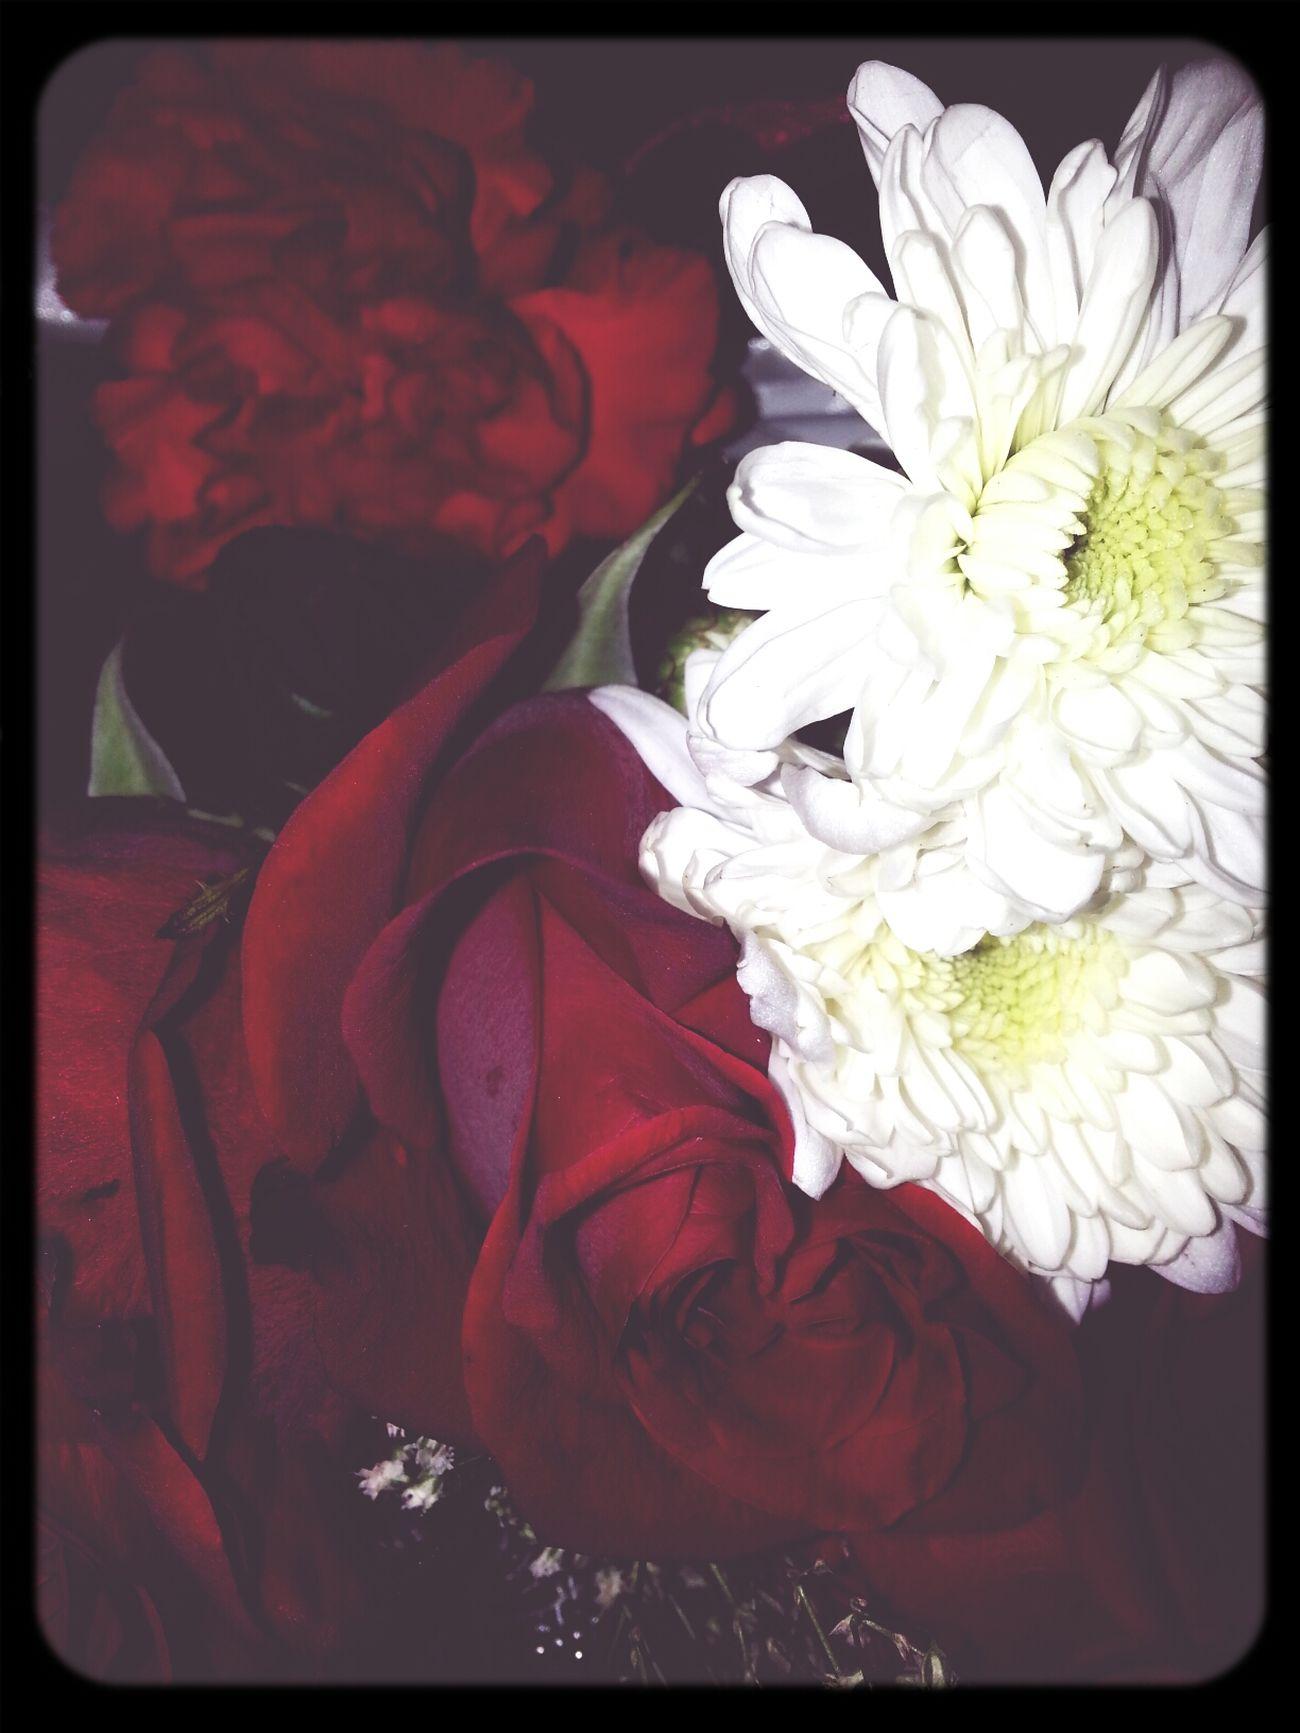 لک أنتمي ولک الفؤاد يميلُ ..سيدي لا تلم قلبي فالعاشق في لذة العشق يهيمُ .. كيف لا اهيمُ بک ولنور وجهک شقت كعبة الاسلام جدارها لتلثم لك جبينُ